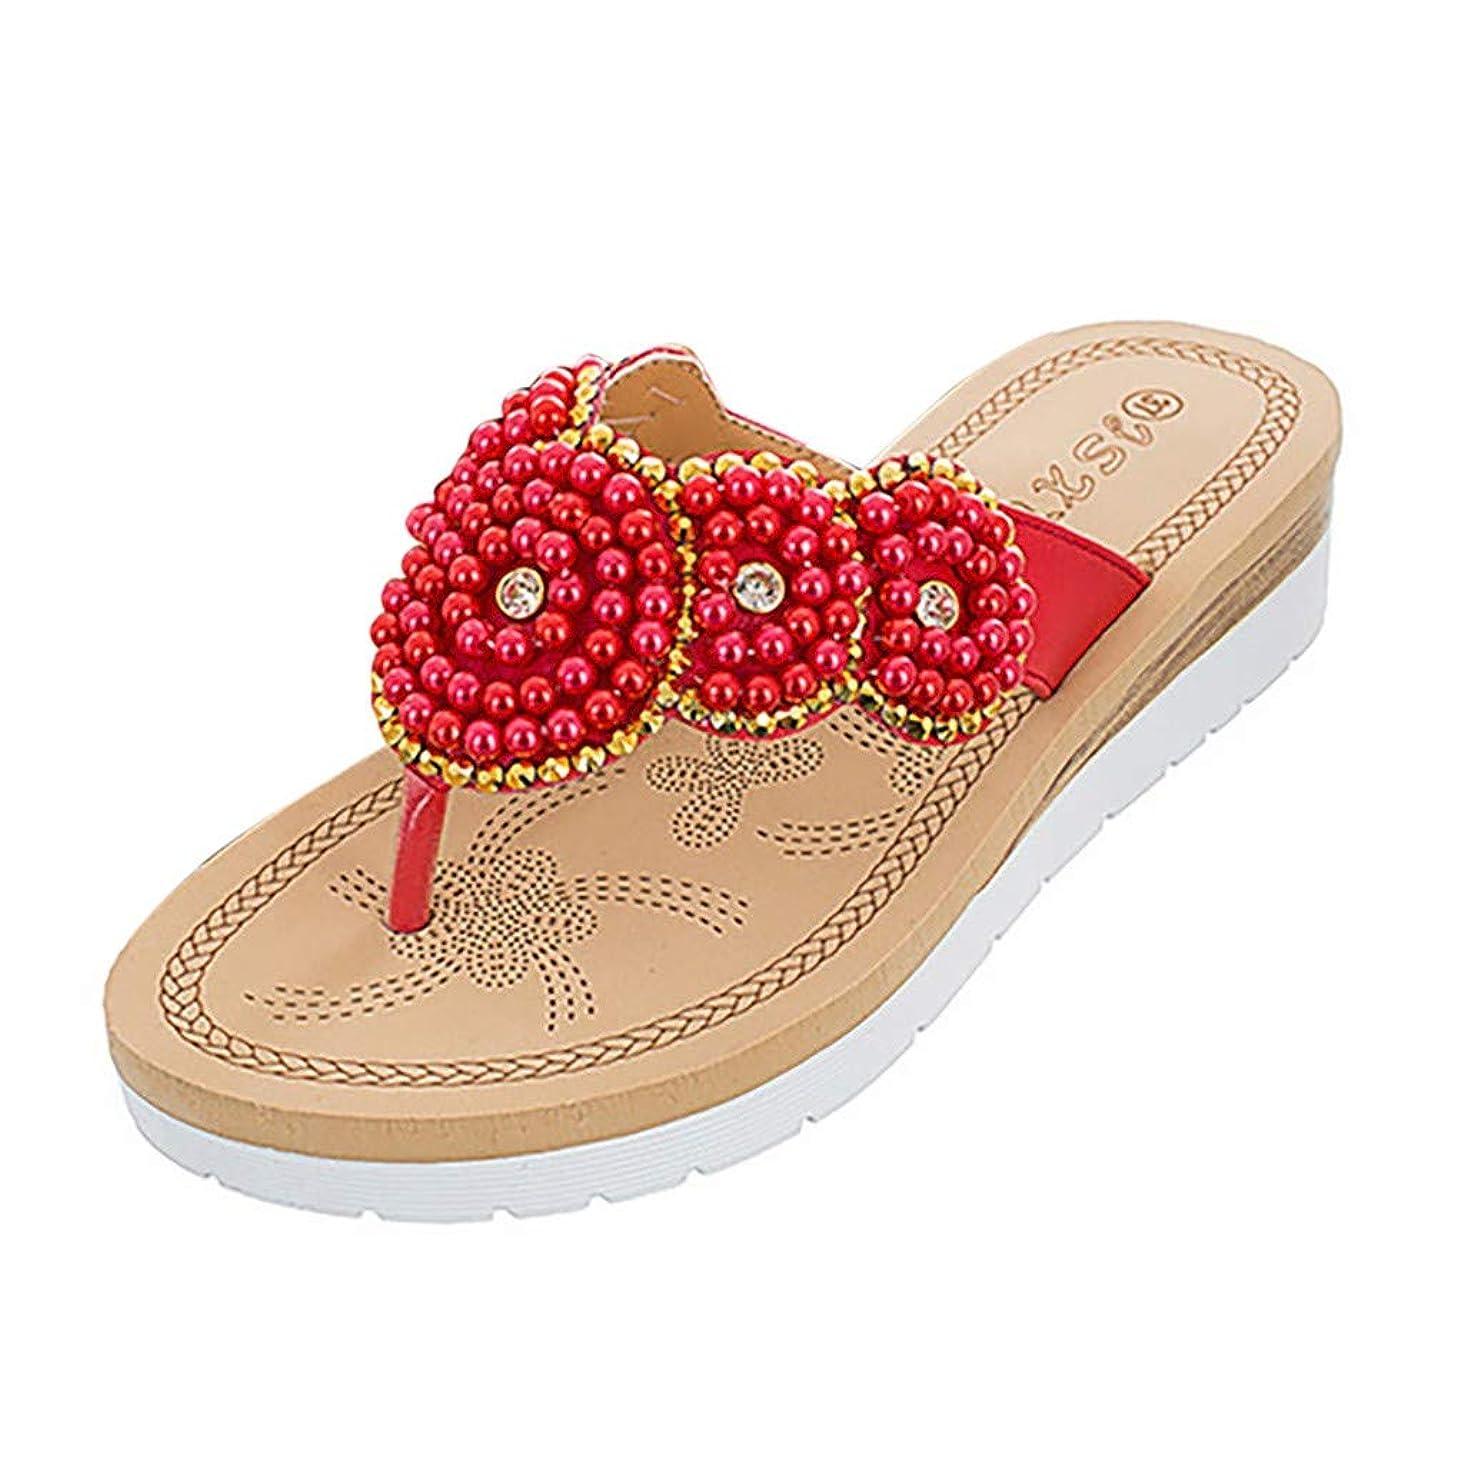 New in Respctful?Women's Bohemian Summer Platform Wedge Beach Flip Flop Toe High Heel Thong Sandals